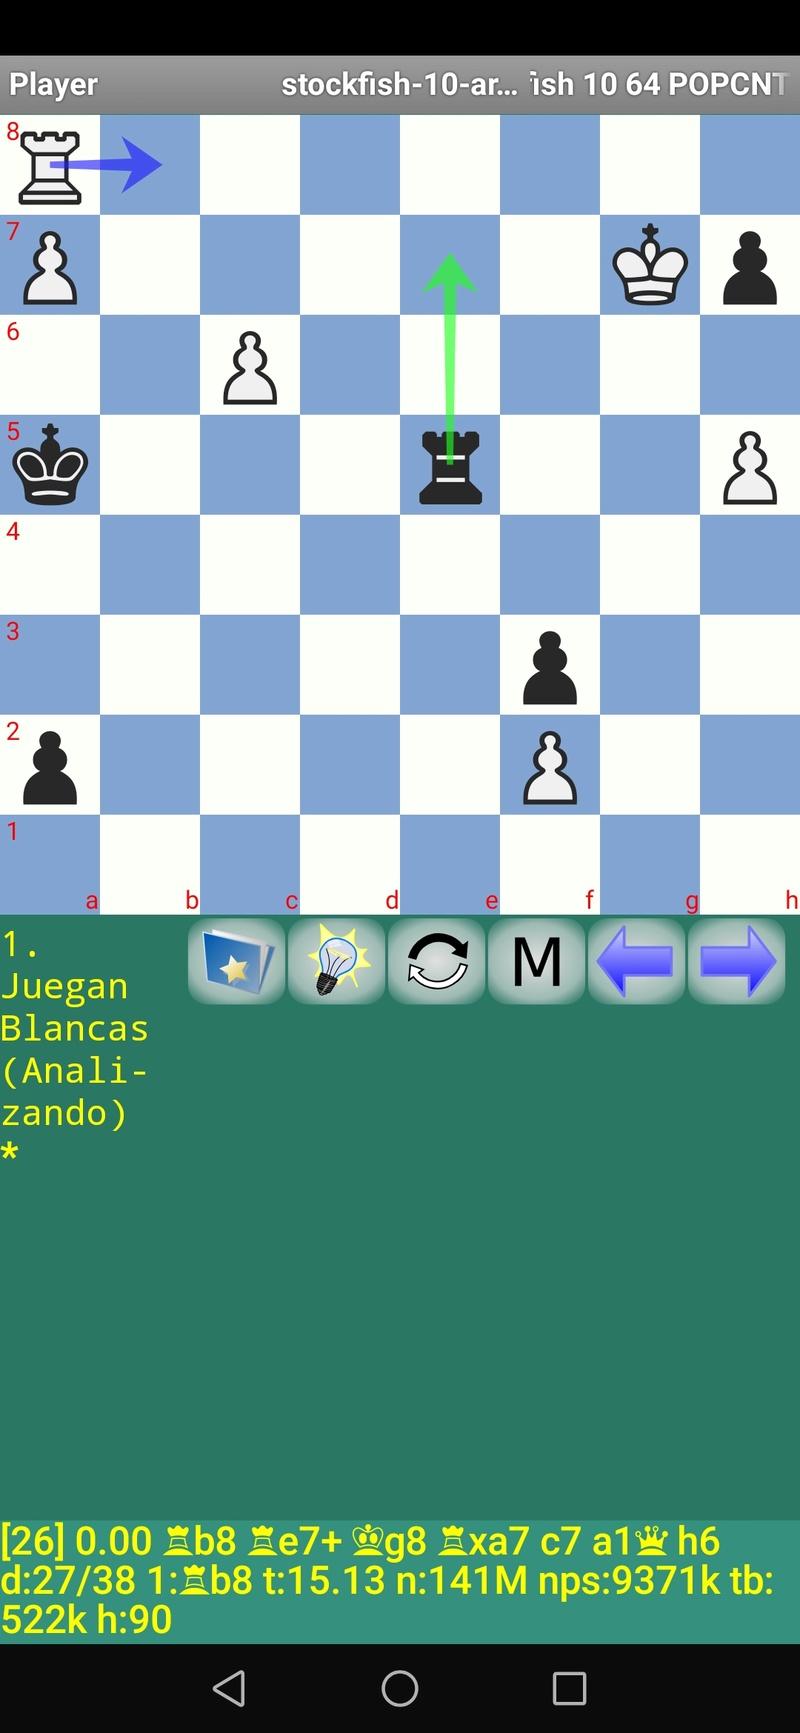 30 posiciones de Test fabulosas con el Stockfish 10 / Matador de QUIJOTEL (I) Scree107